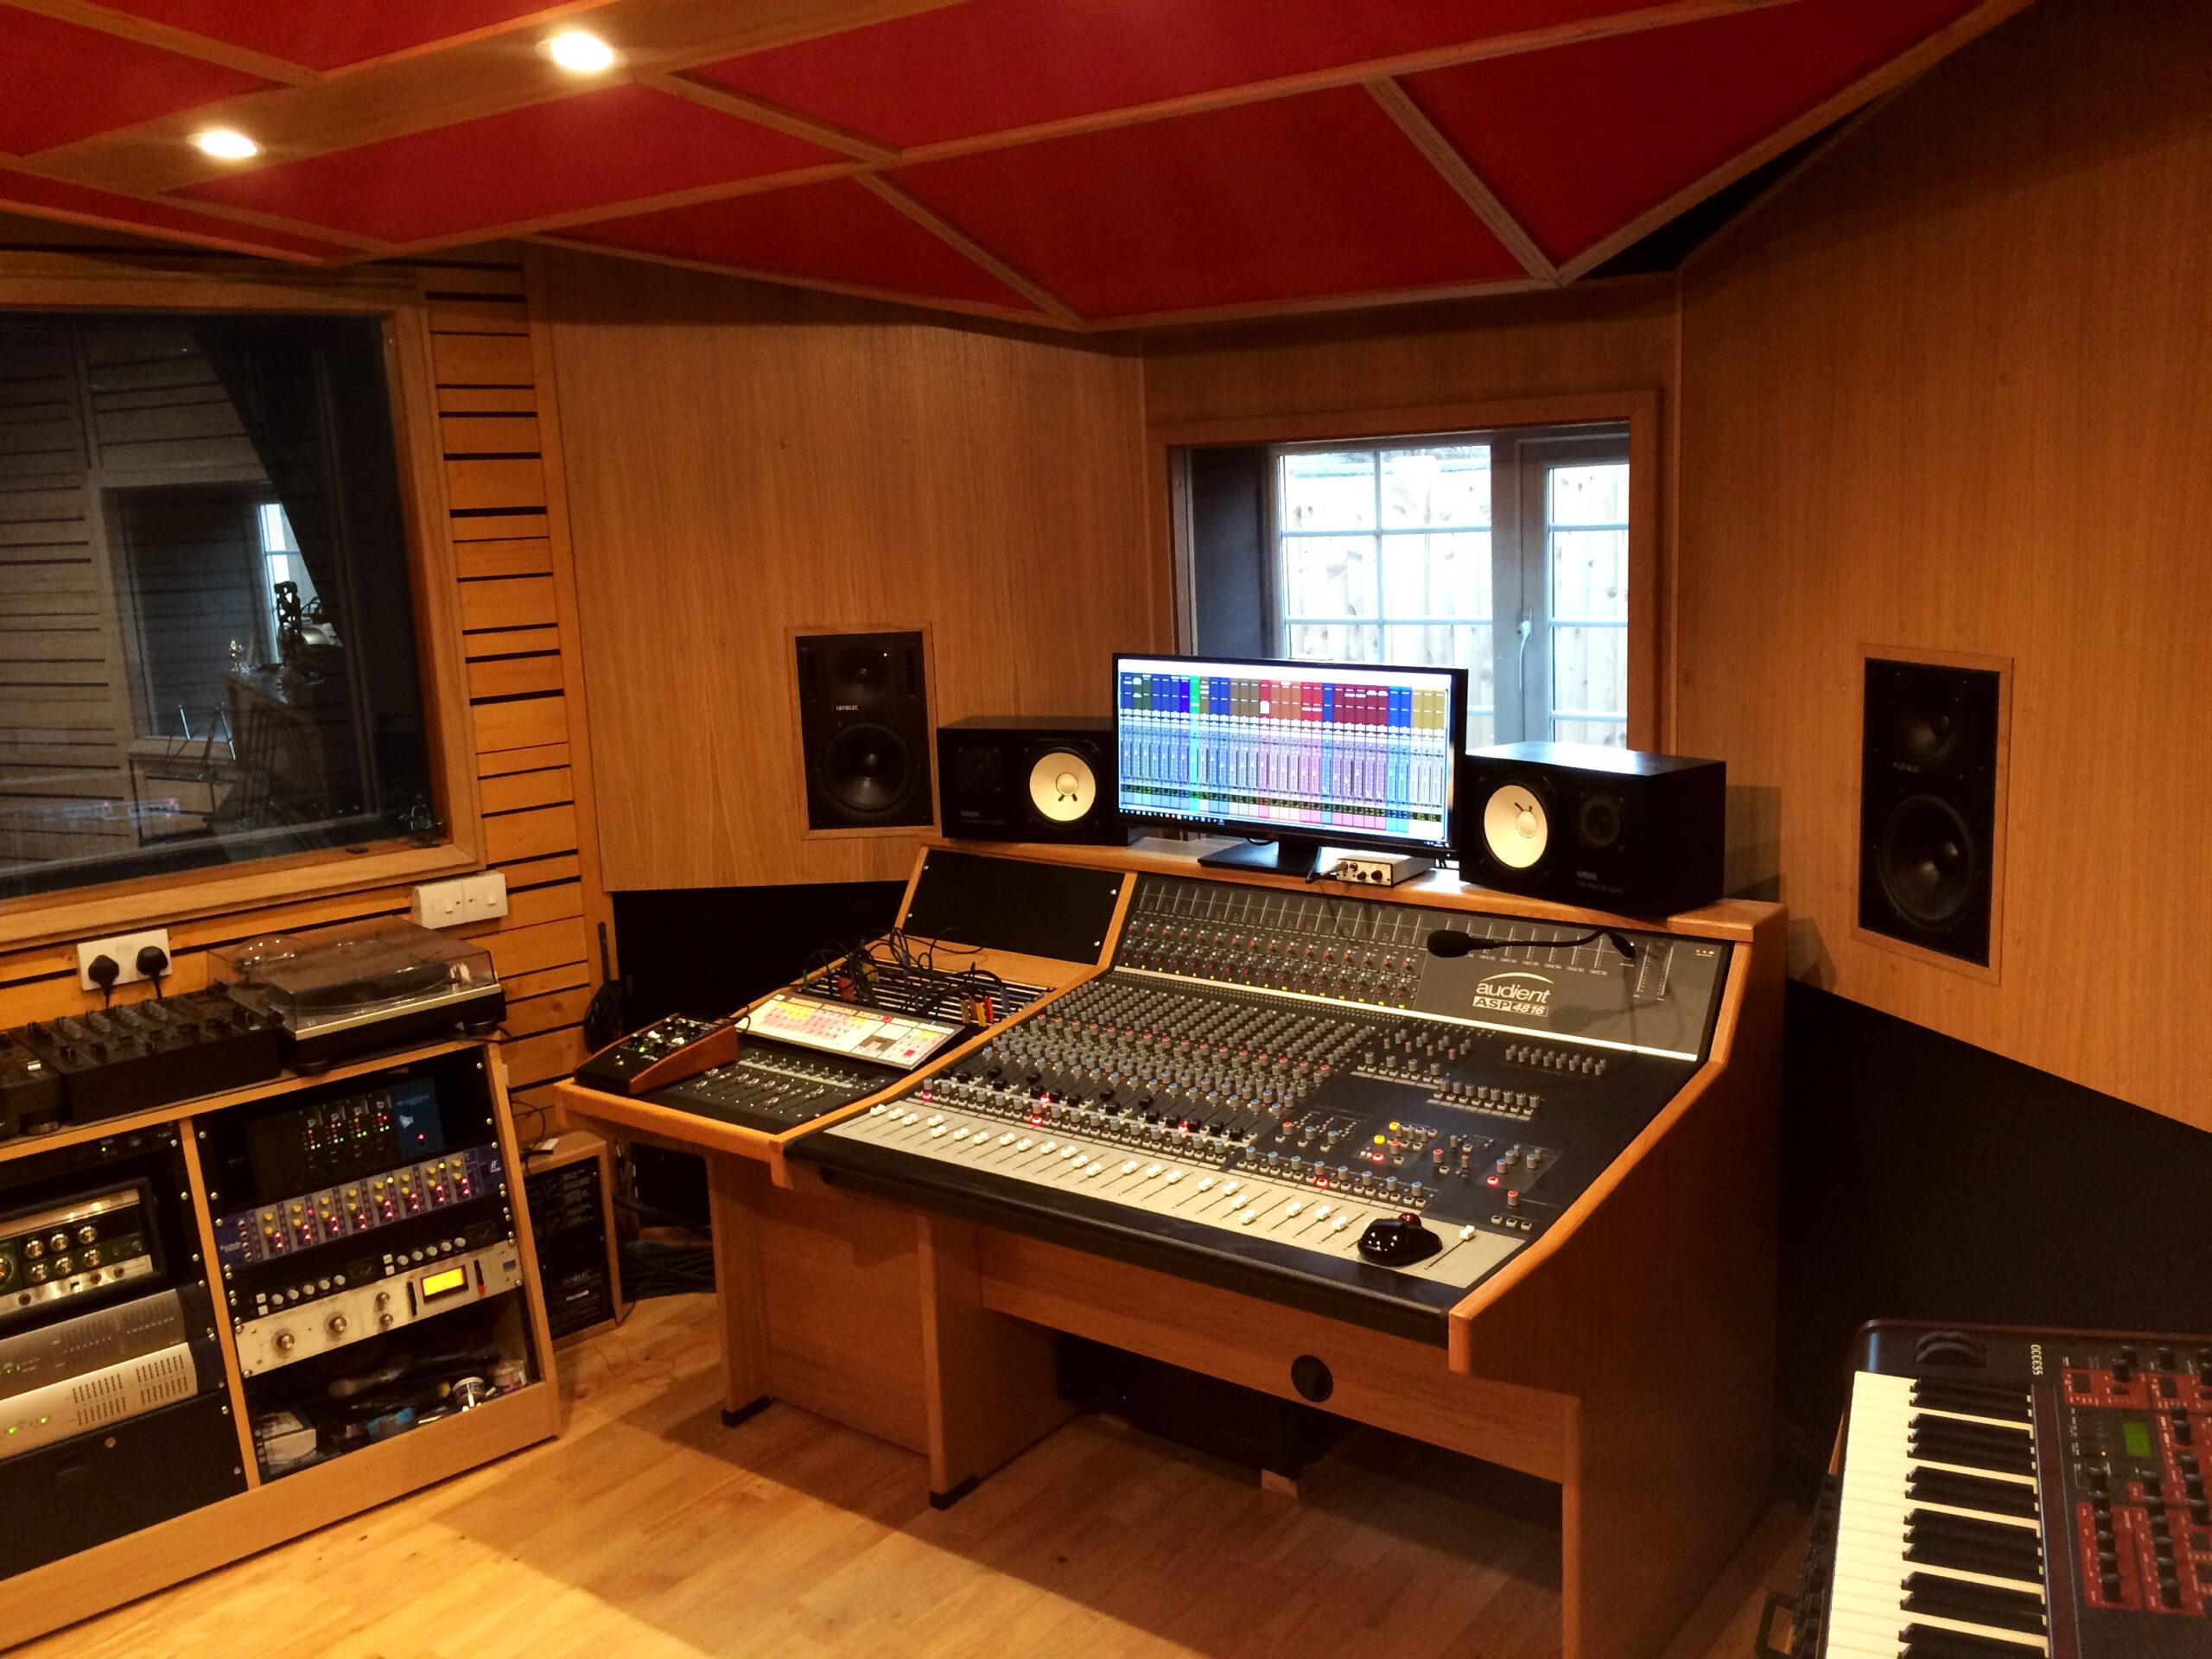 Slipway-Studio_Audient-ASP4816_desk_02